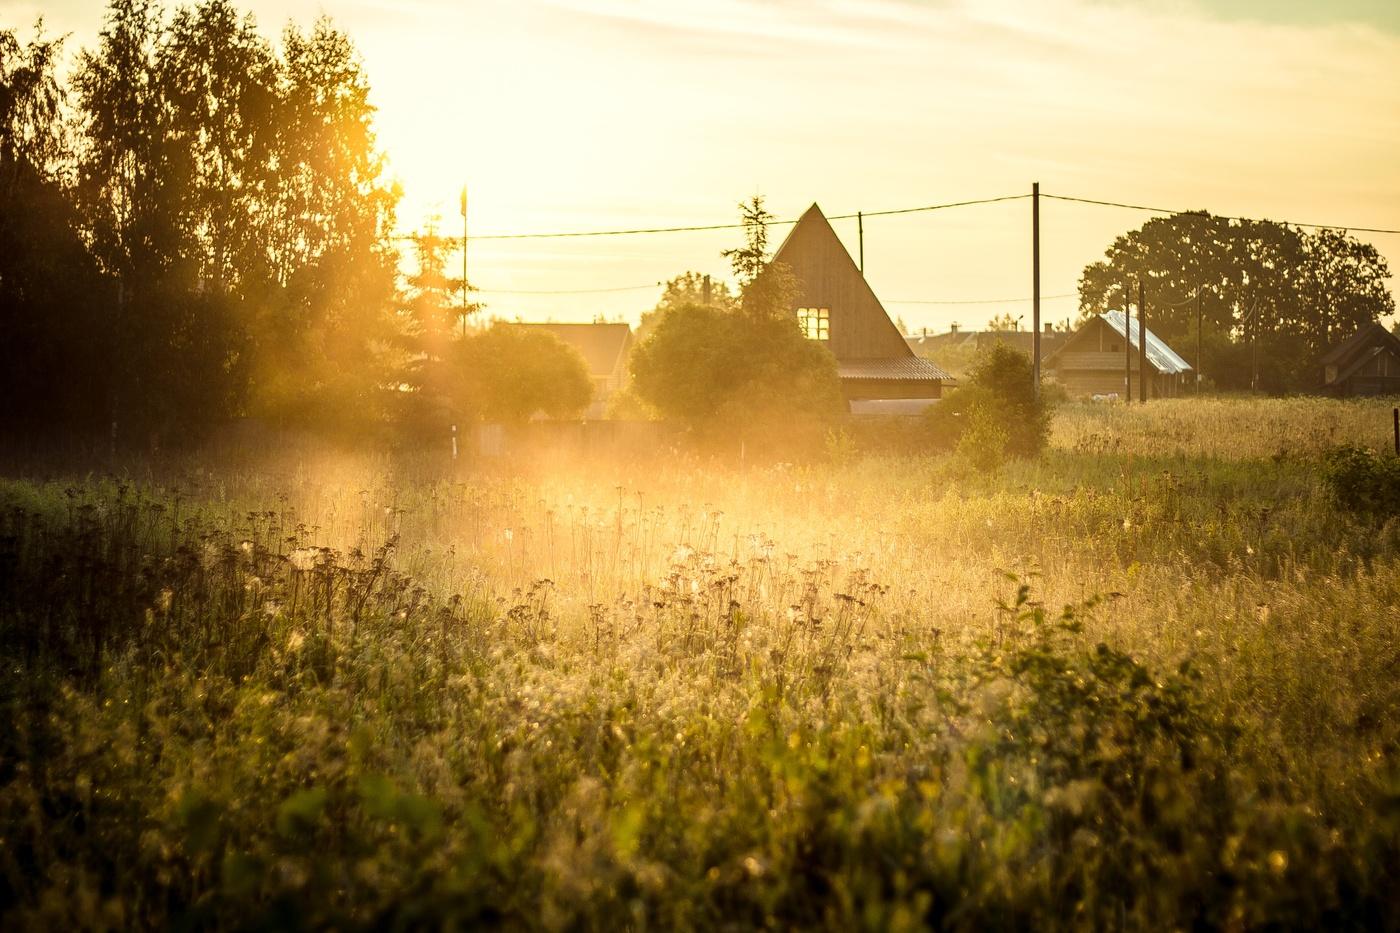 фото доброе утро рассвет в деревне обложка райдера